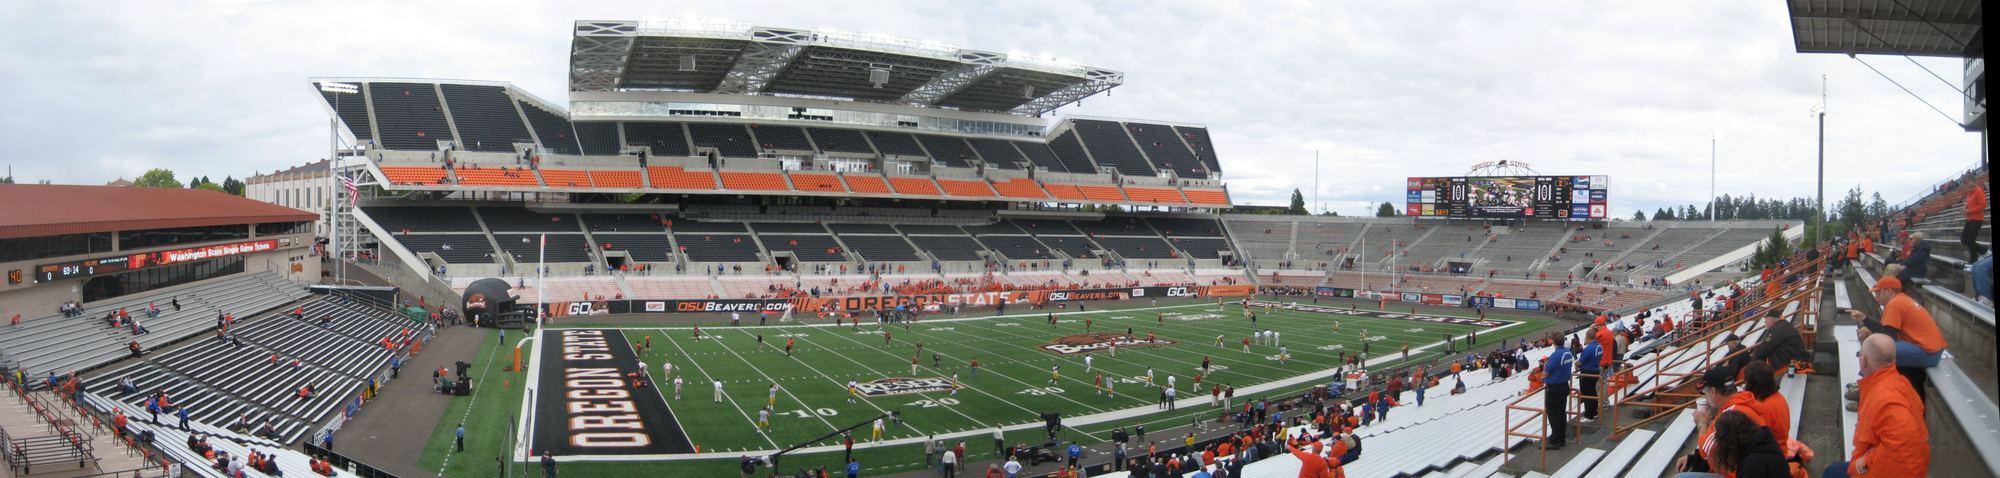 Reser Stadium Stadiumdb Com